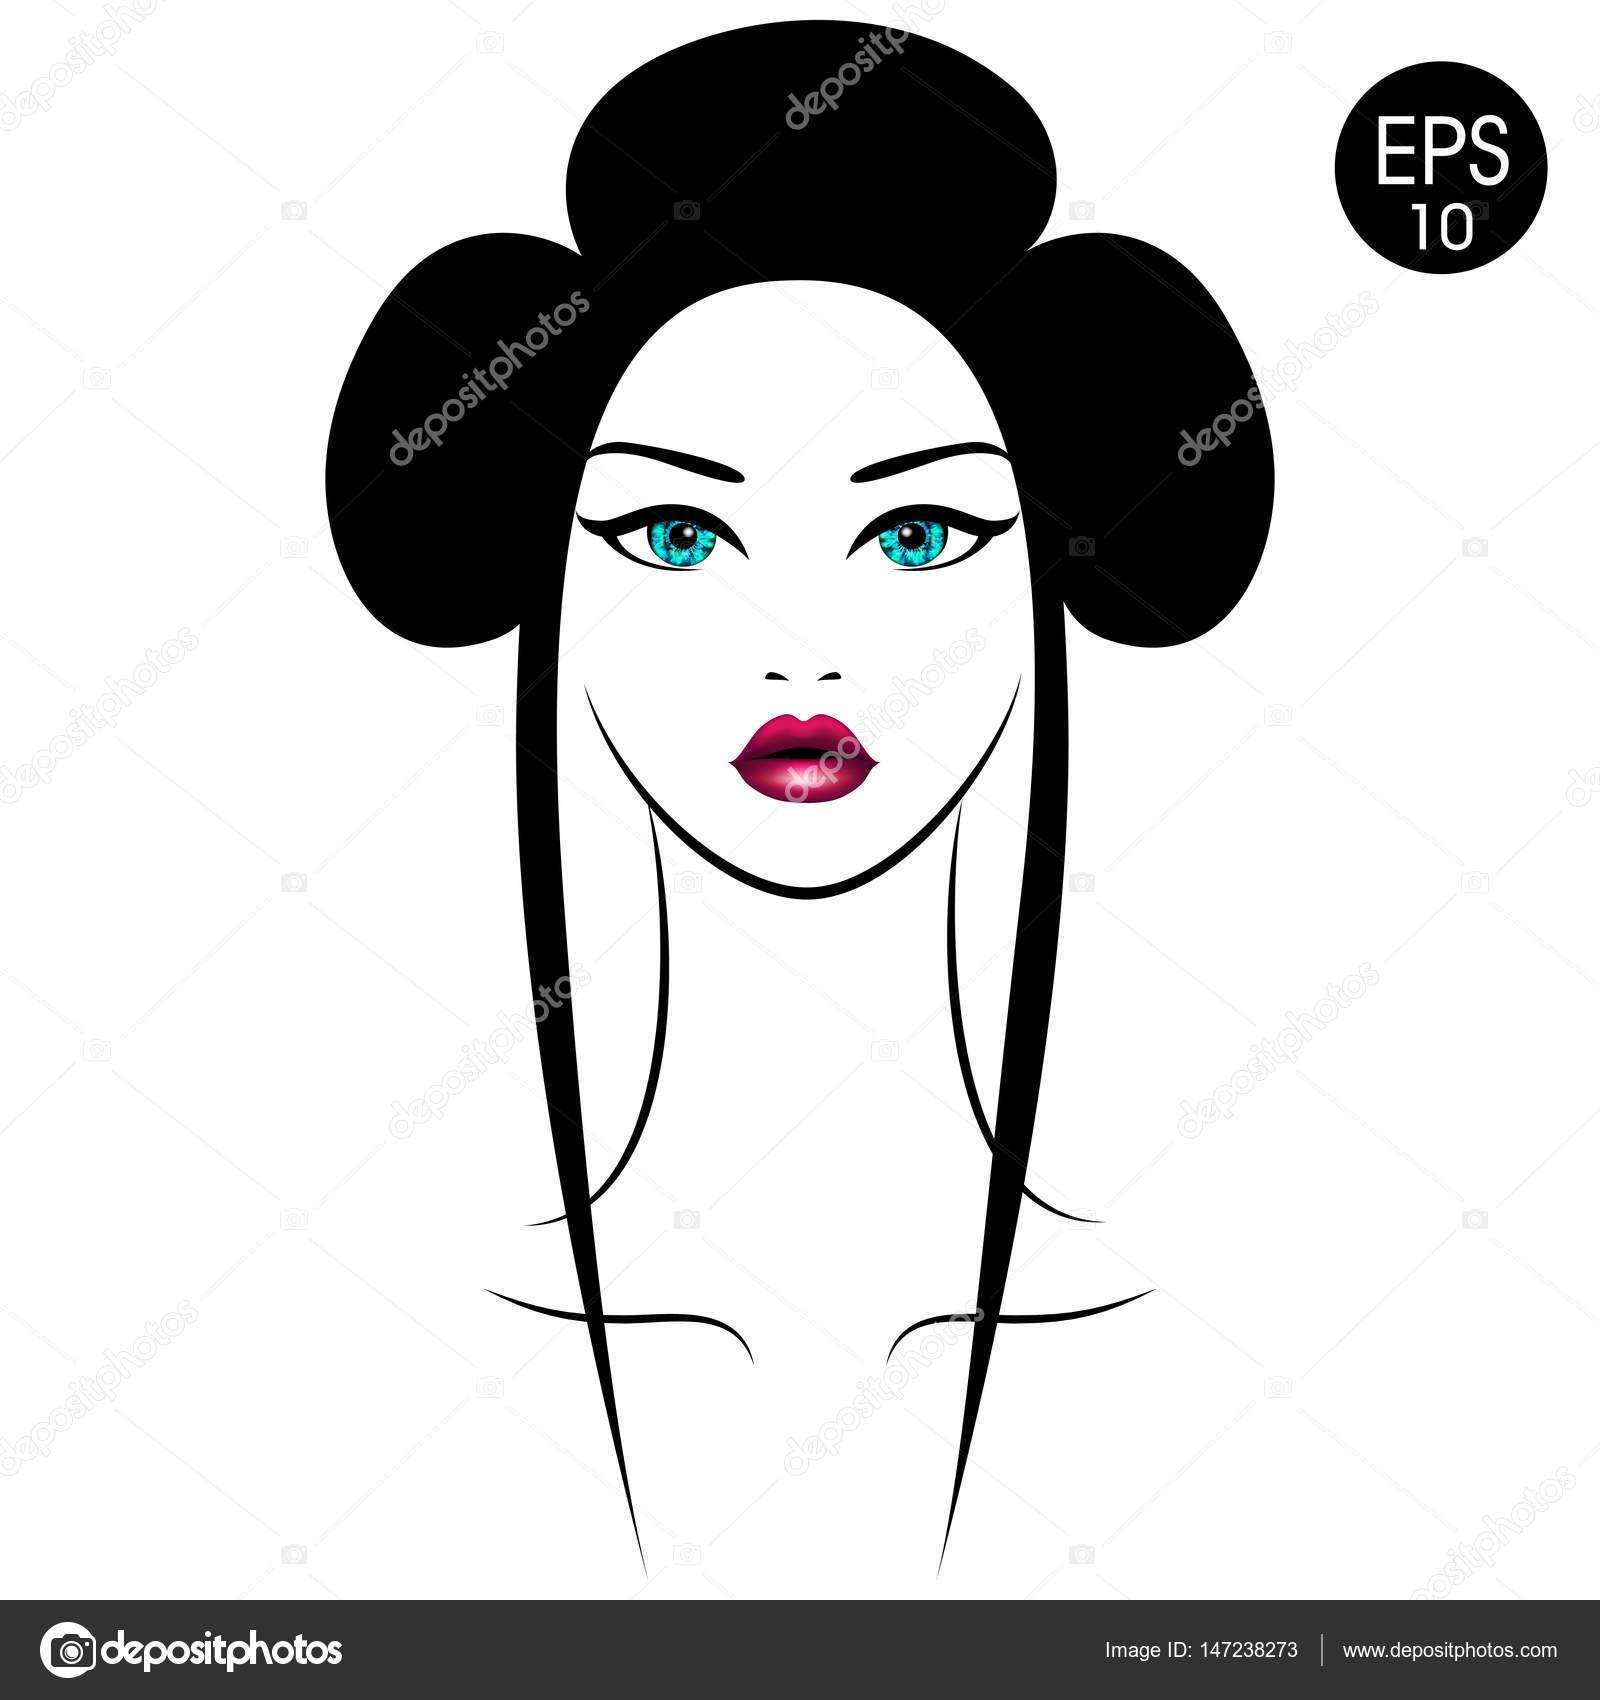 Femme asiatique de vecteur. Portrait de jeunes filles avec coiffure  traditionnelle \u2014 Image vectorielle